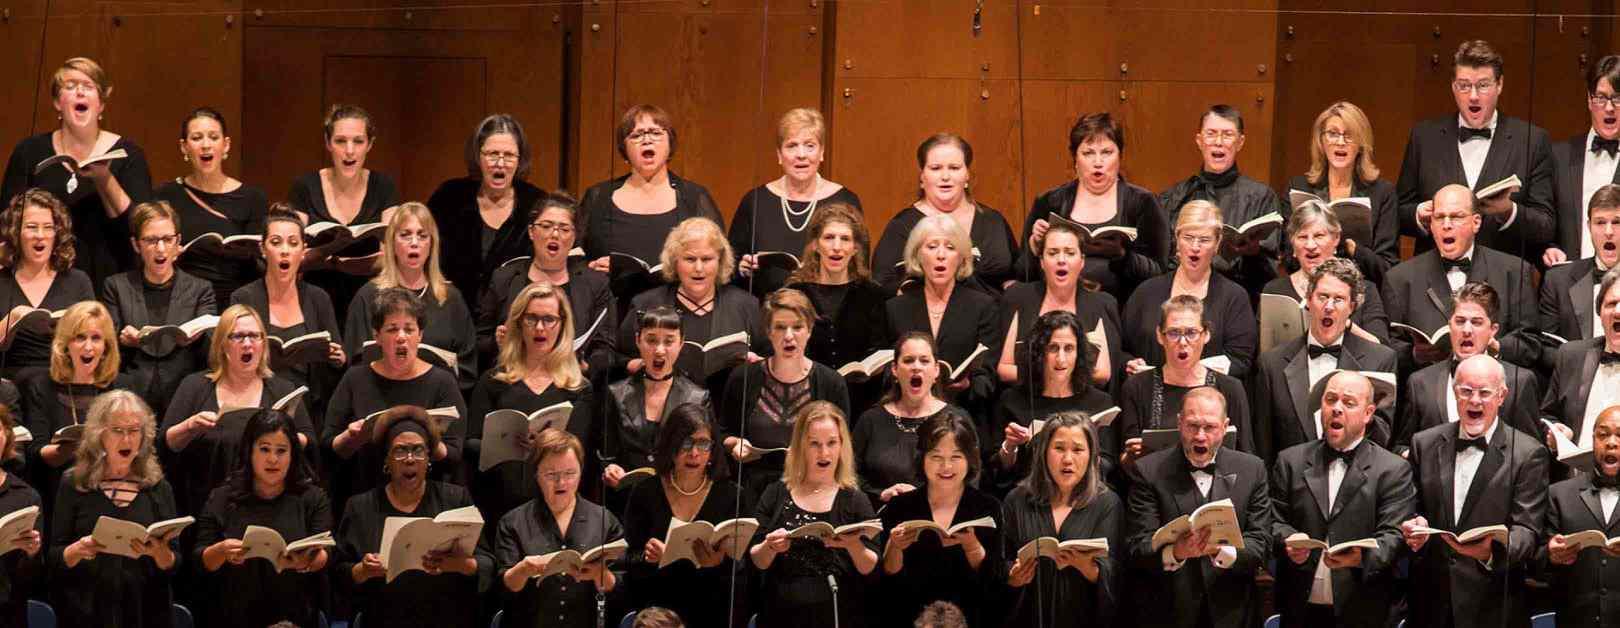 Brahms's A German Requiem